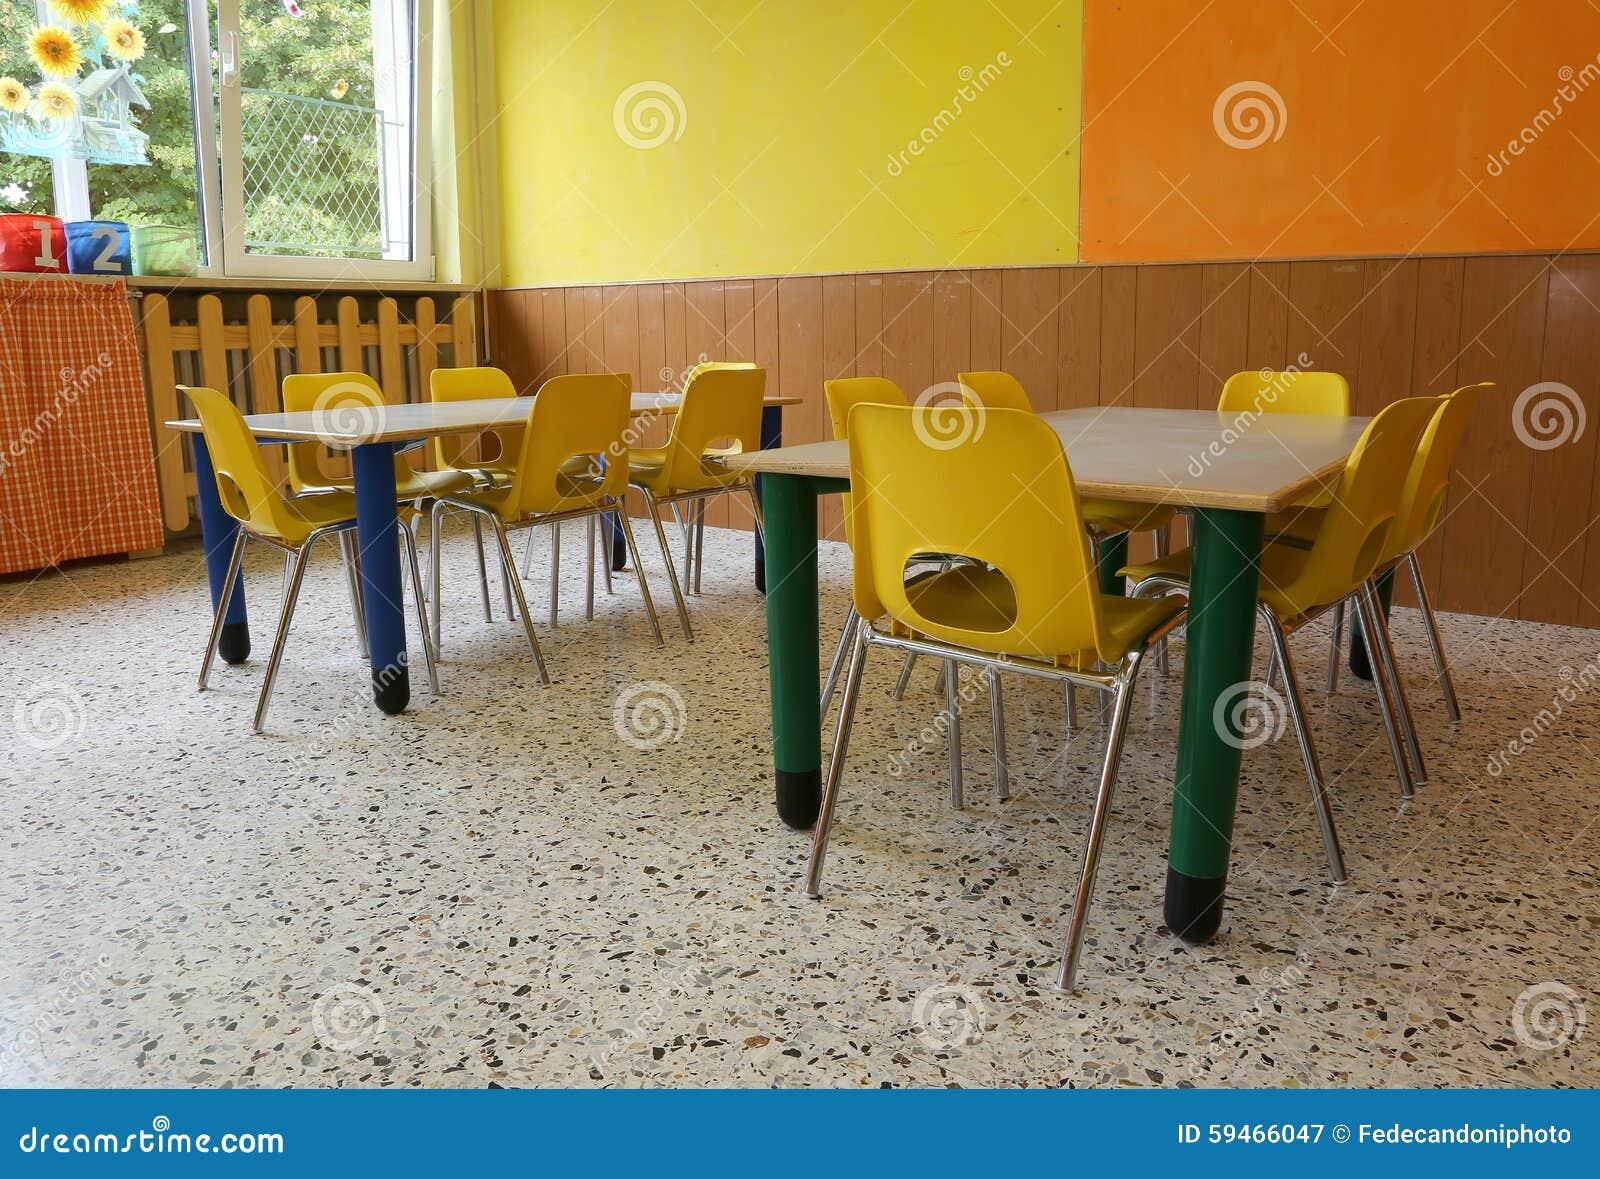 Kindergarten classroom table - Chairs Classroom Desks Kids Kindergarten